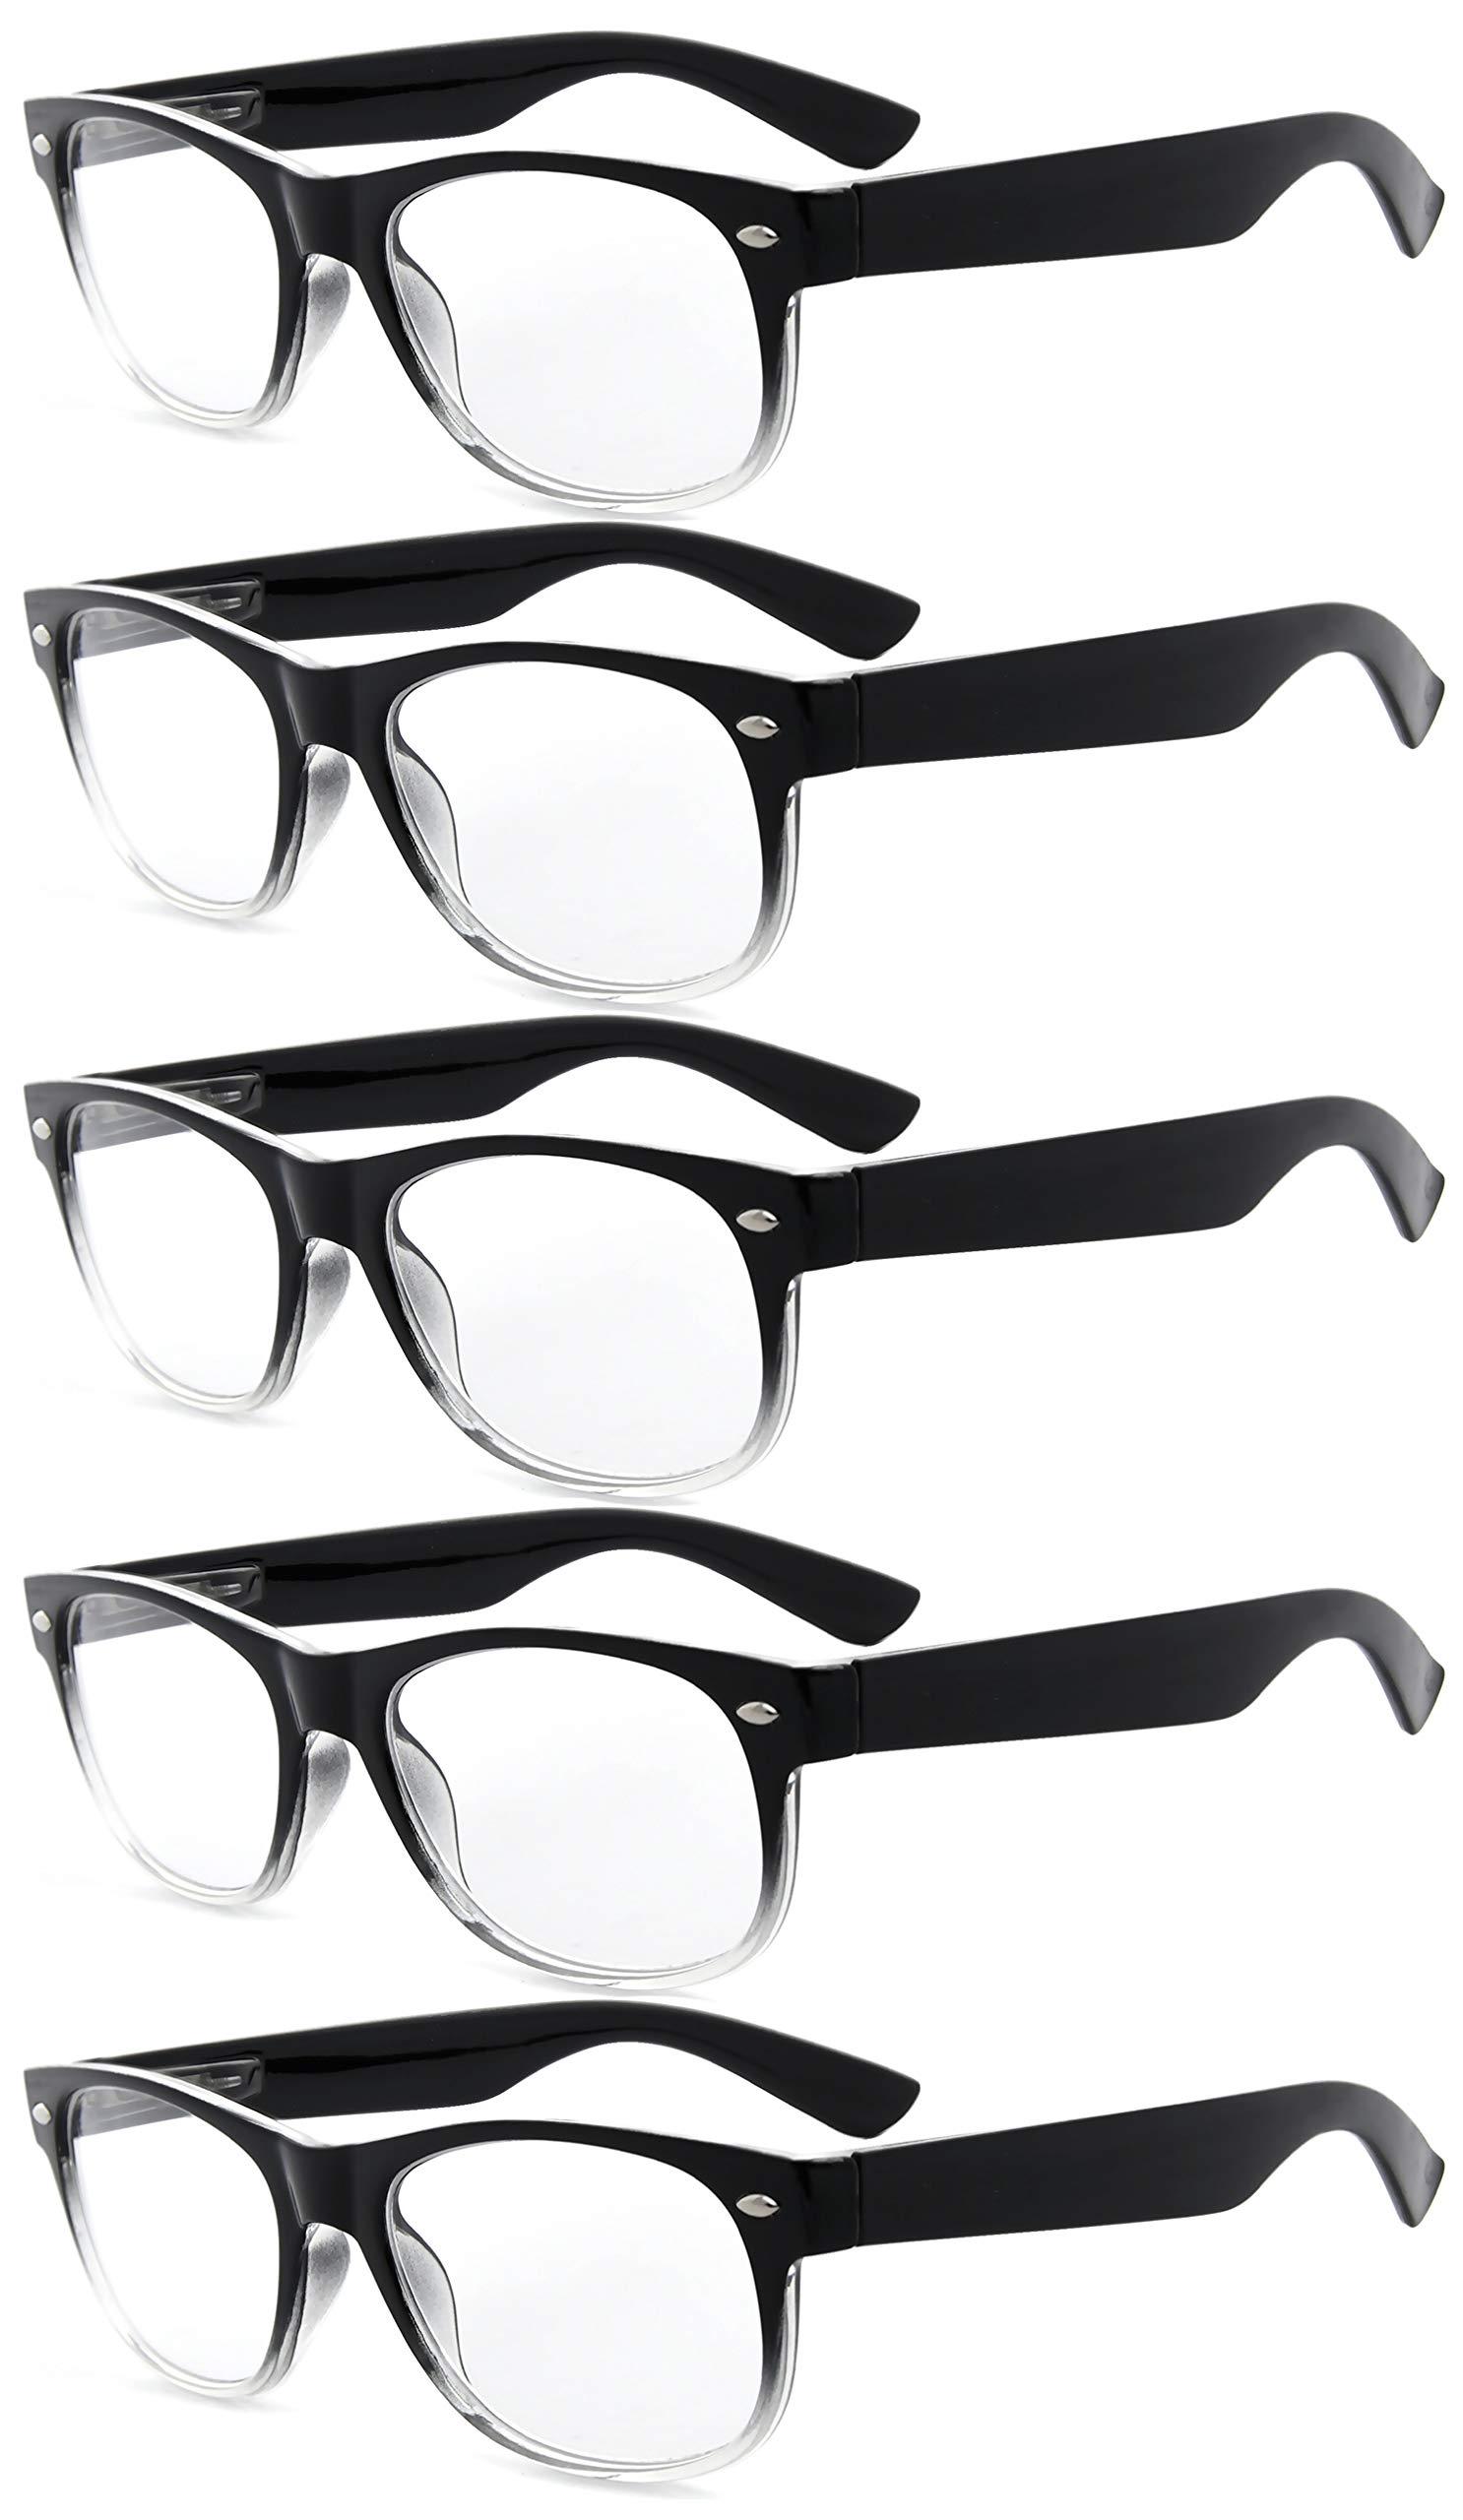 Eyekepper Classic 80's Reading Glasses-5 Pairs Black-Clear Frame Glasses for Women Reading,+1.00 Reader Eyeglasses